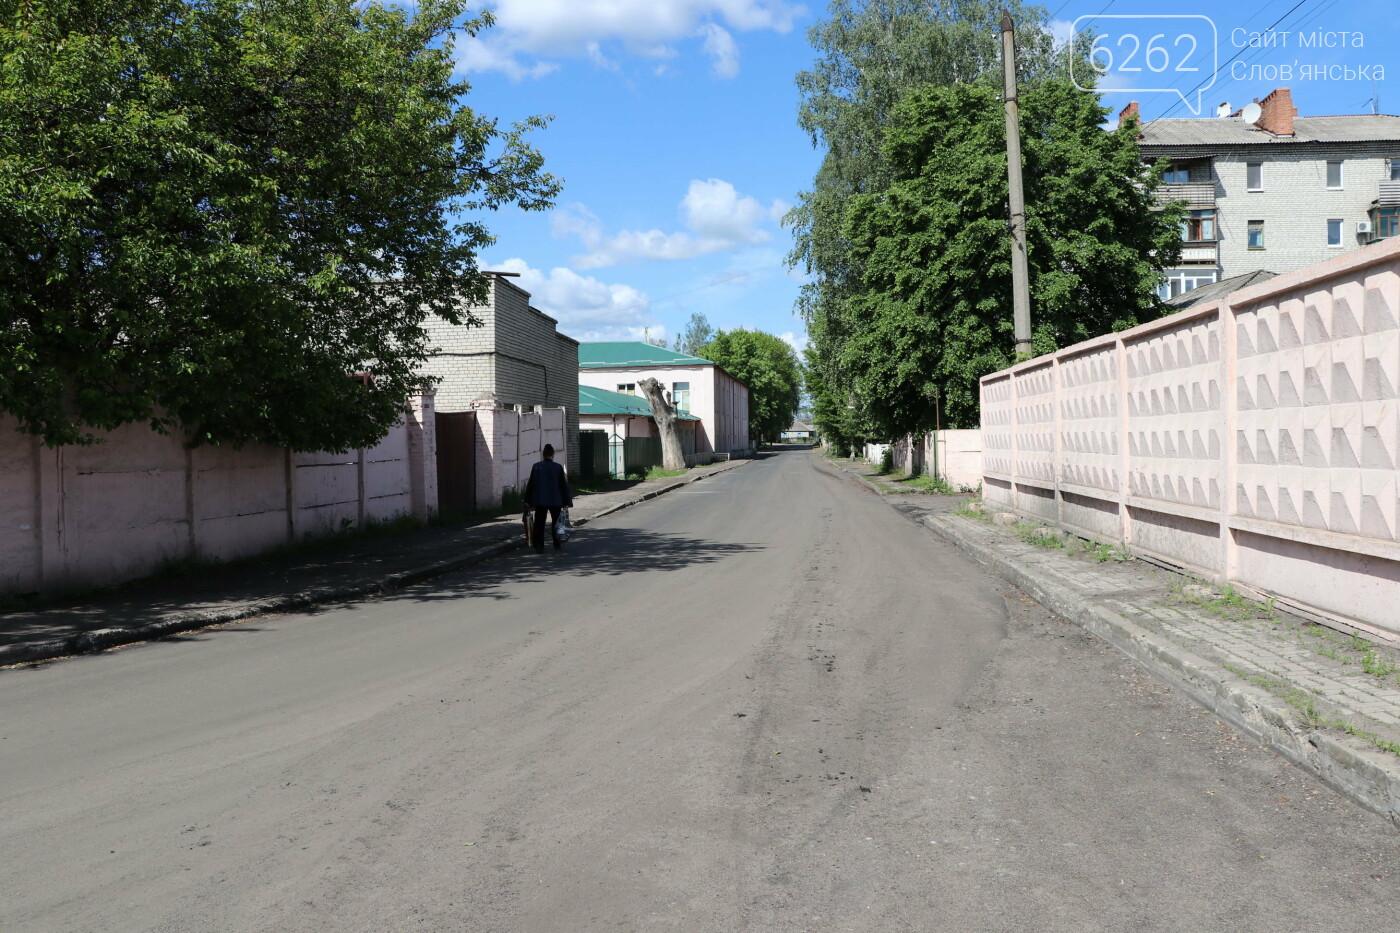 Майже 1,5 км нової дороги з'явилось у мікрорайоні Залізничному-2  , фото-3